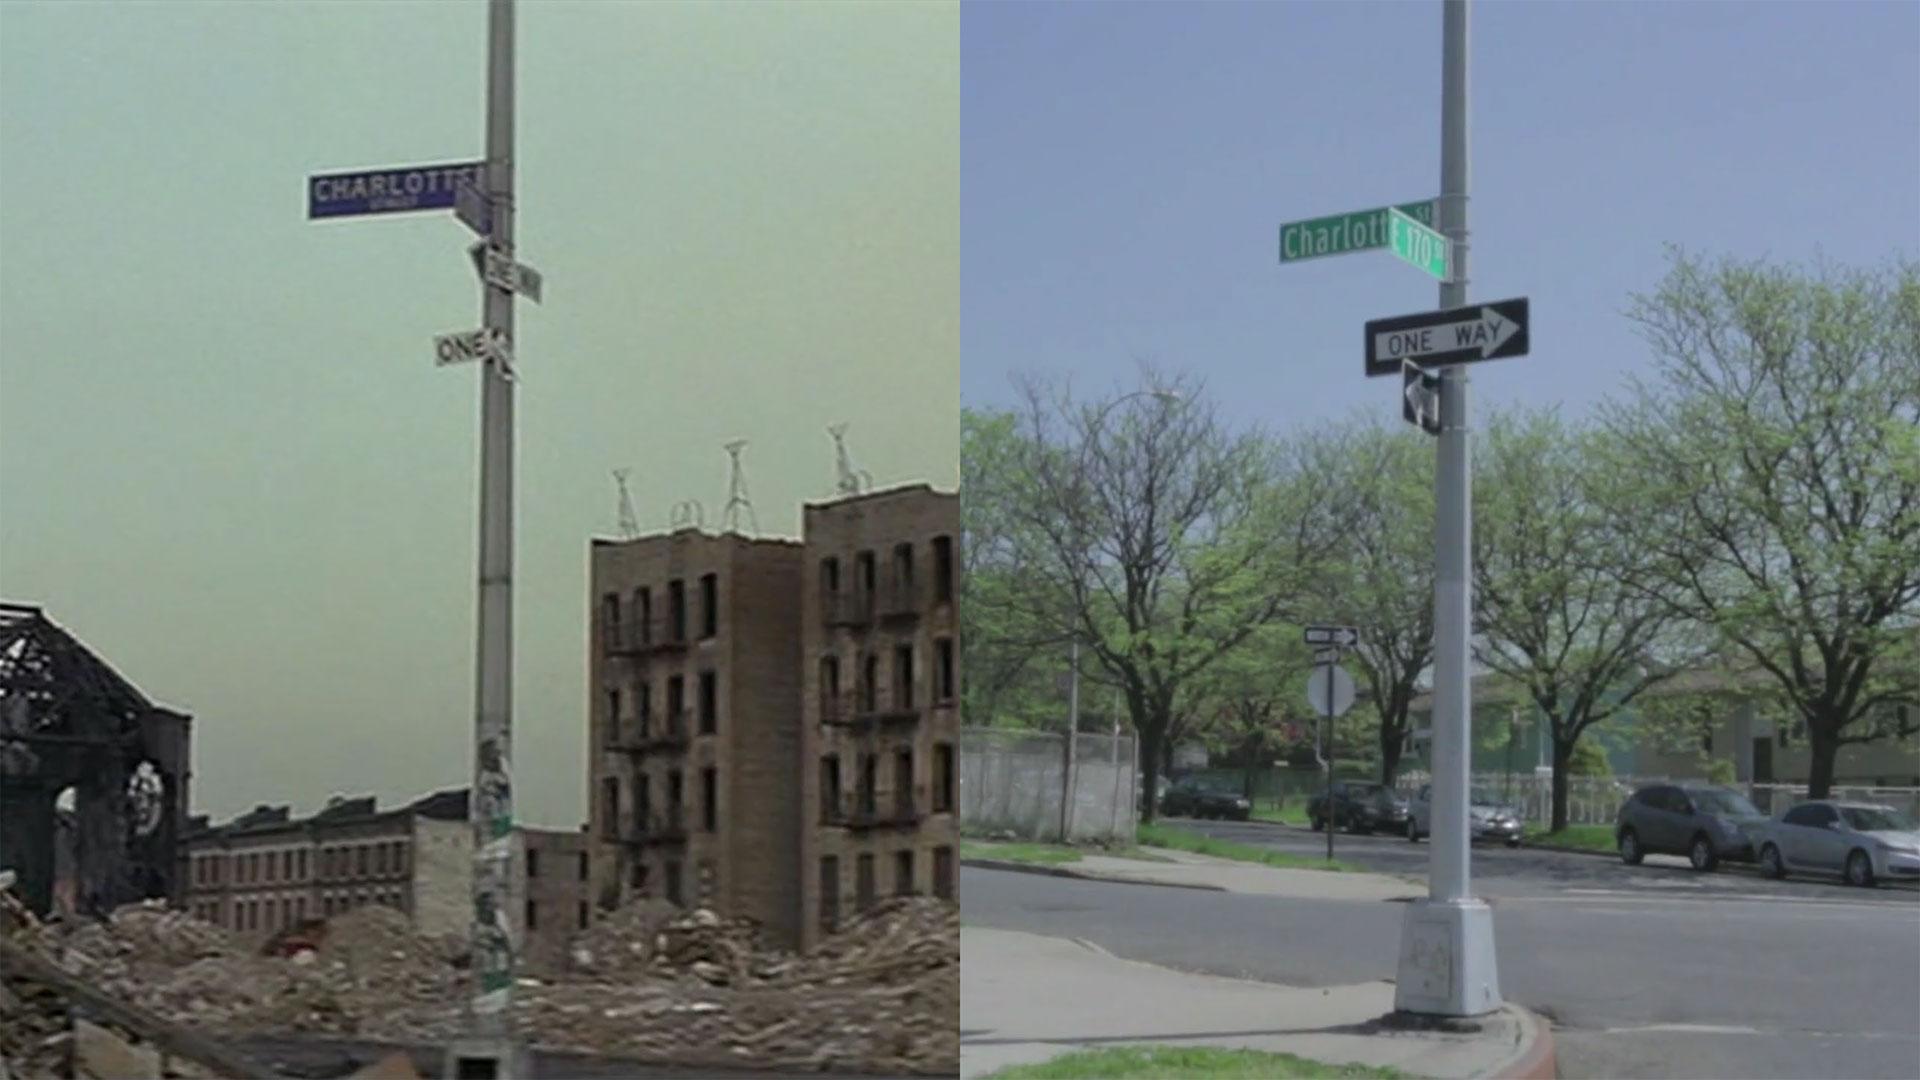 UrbanRenewal_EmanuelAlmborg_EveryCrackIsASymbol_split-screen_STILL